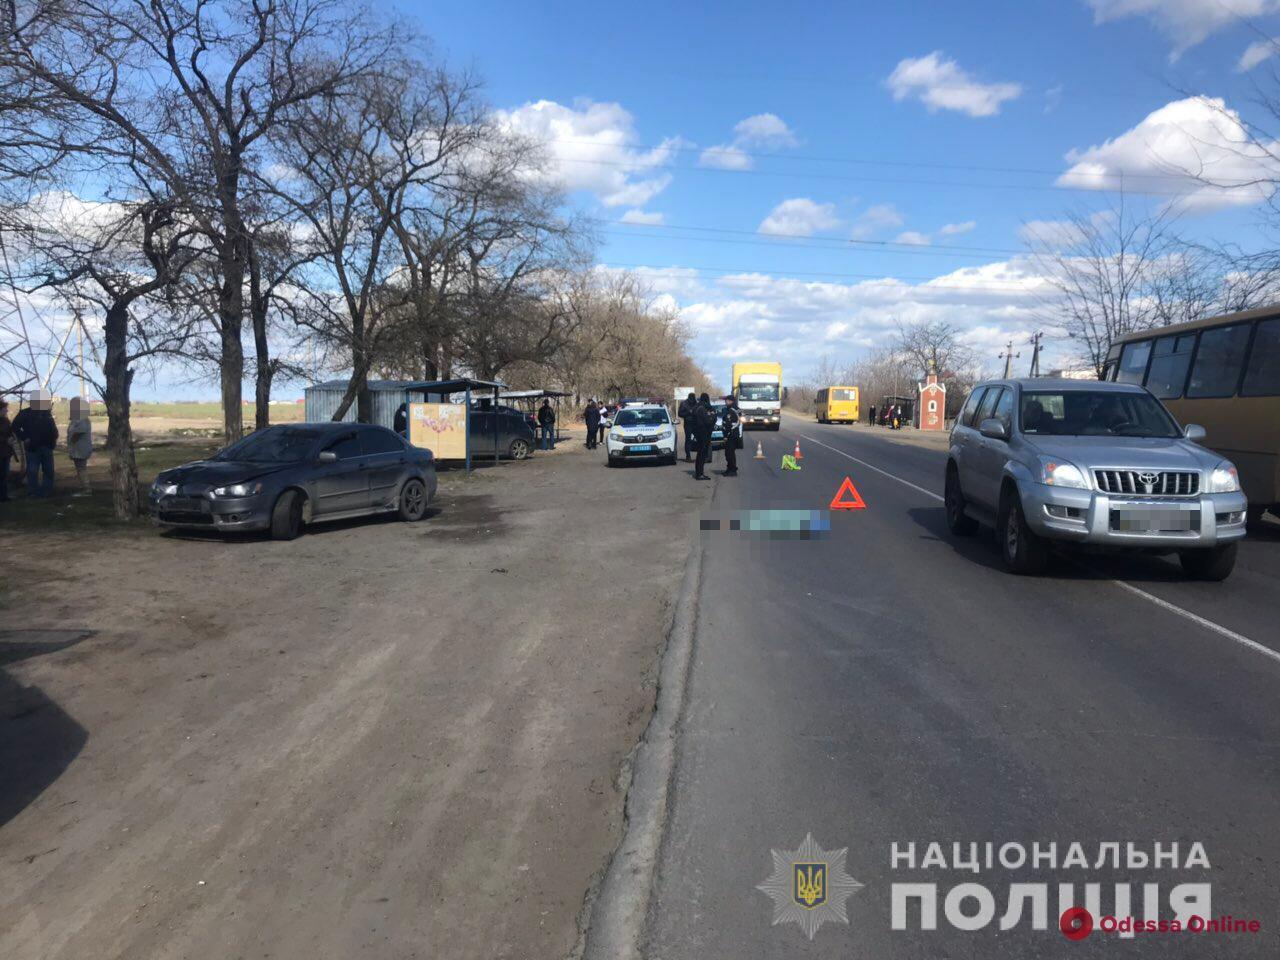 Под Одессой насмерть сбили человека (видео, обновлено)